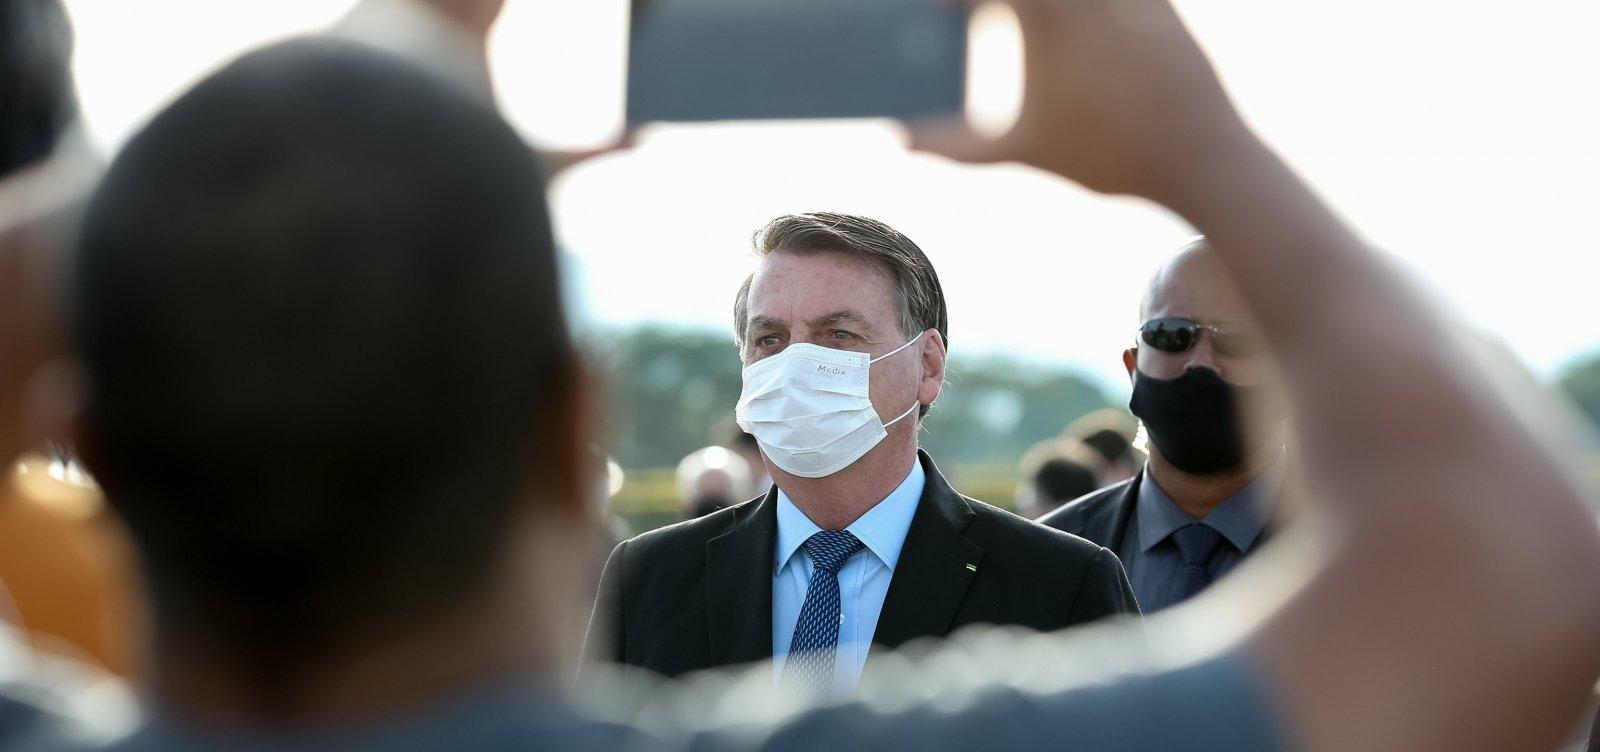 'Meu ministro da Saúde já disse que não será obrigatória' diz Bolsonaro sobre imunizante para Covid-19